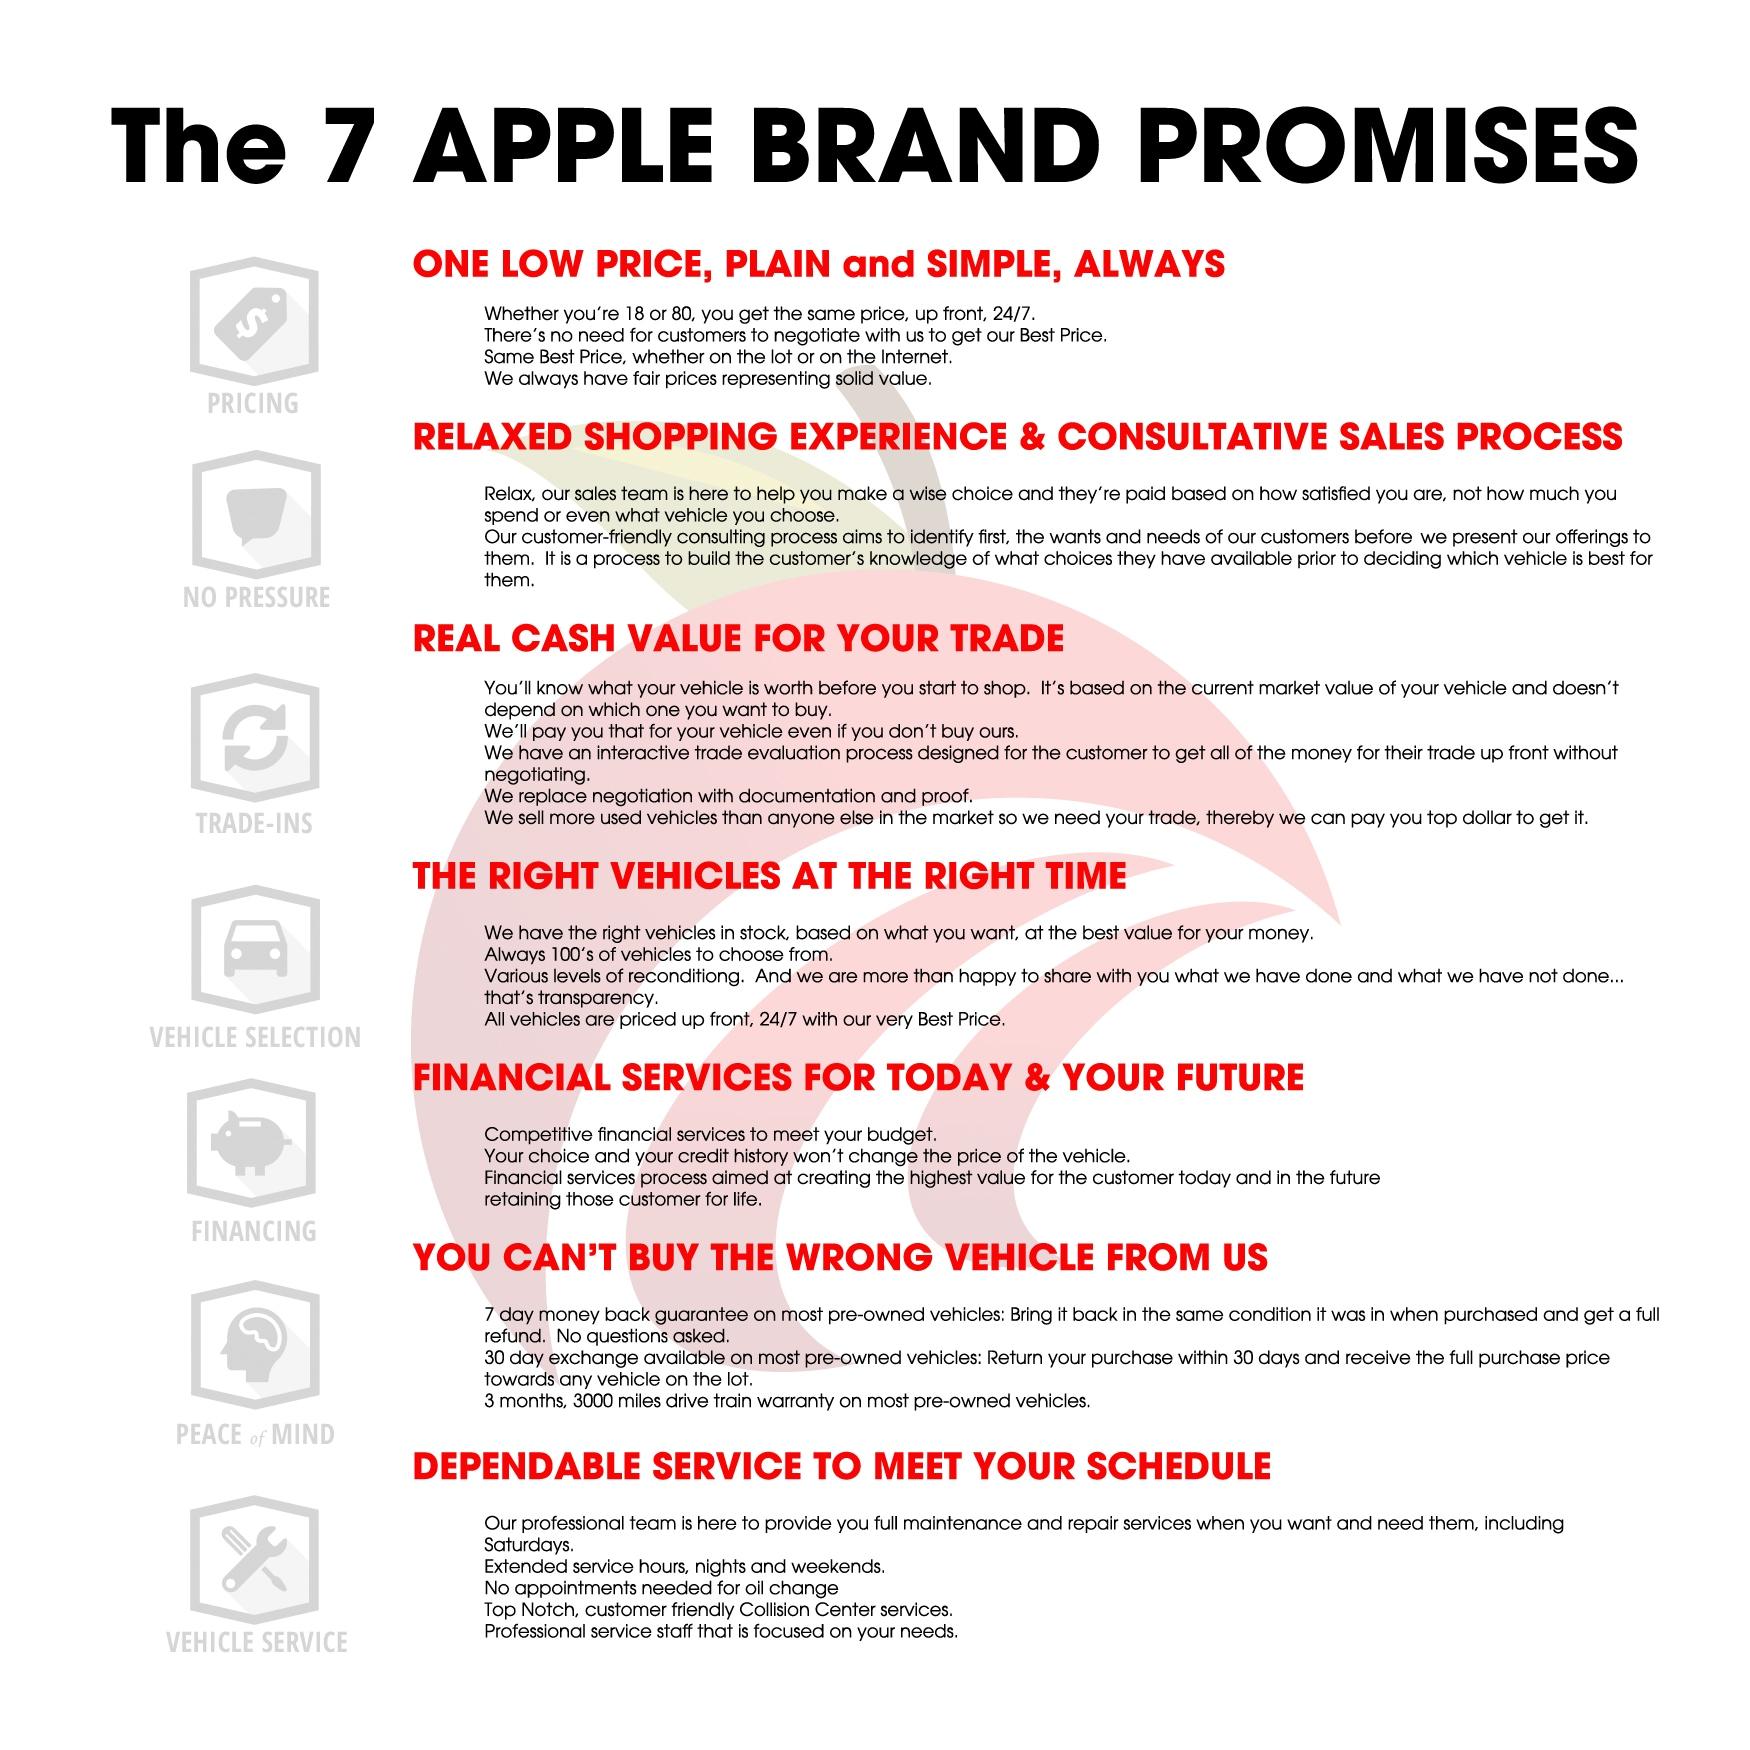 Superb Apple Brand Promises